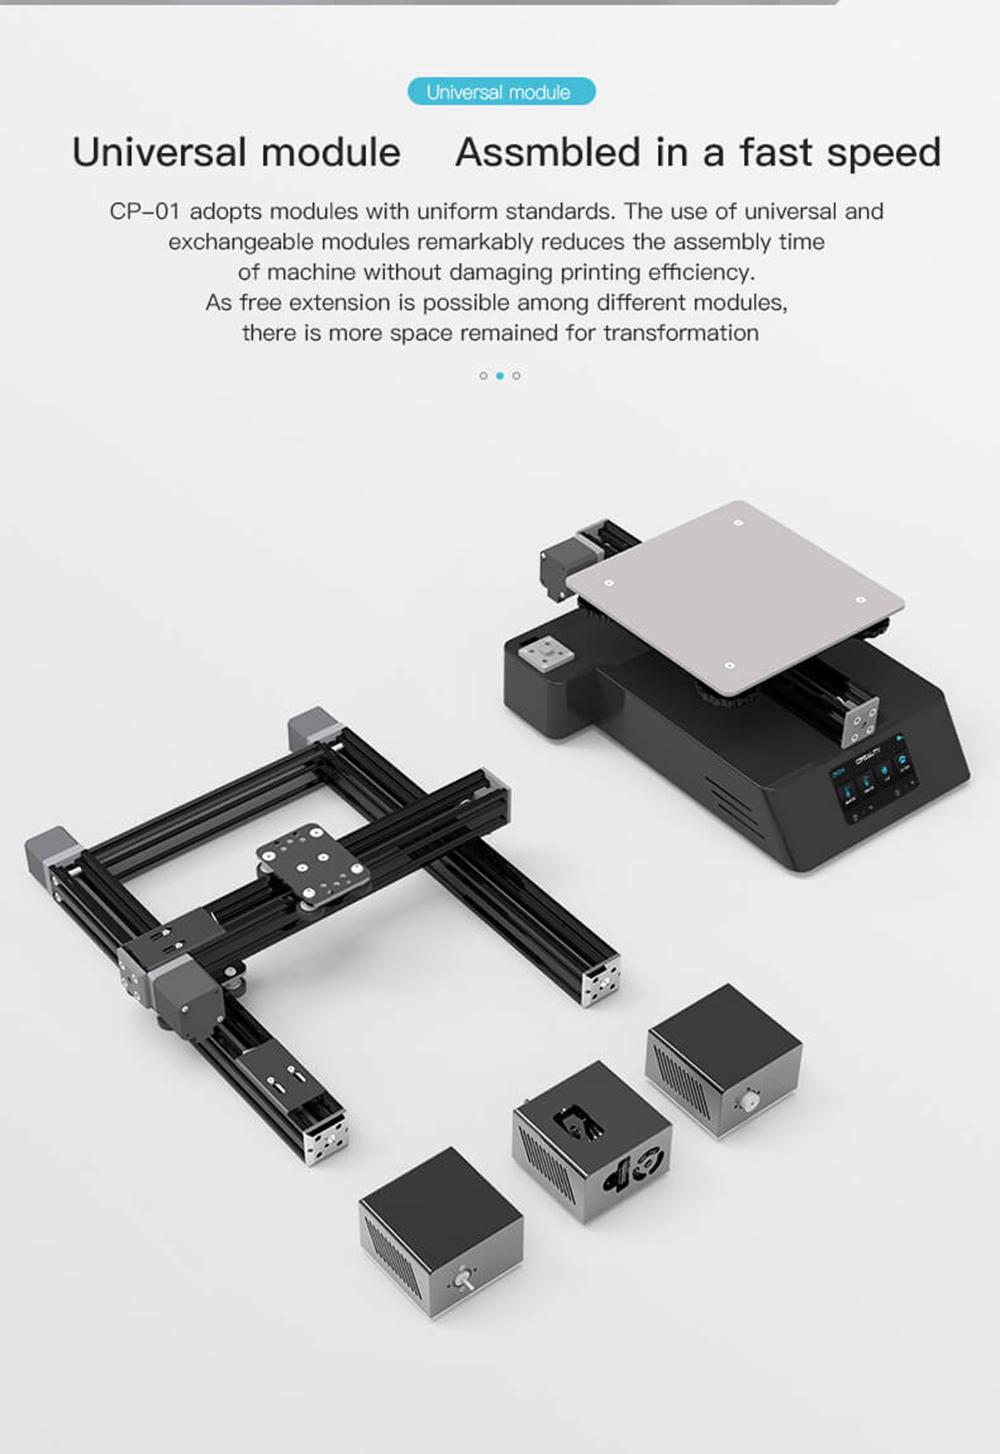 Creality3D CP-01 Multitool 3D-Drucker Bausatz - 200x200x200mm - Kurze Aufbauzeit durch Modulbauweise